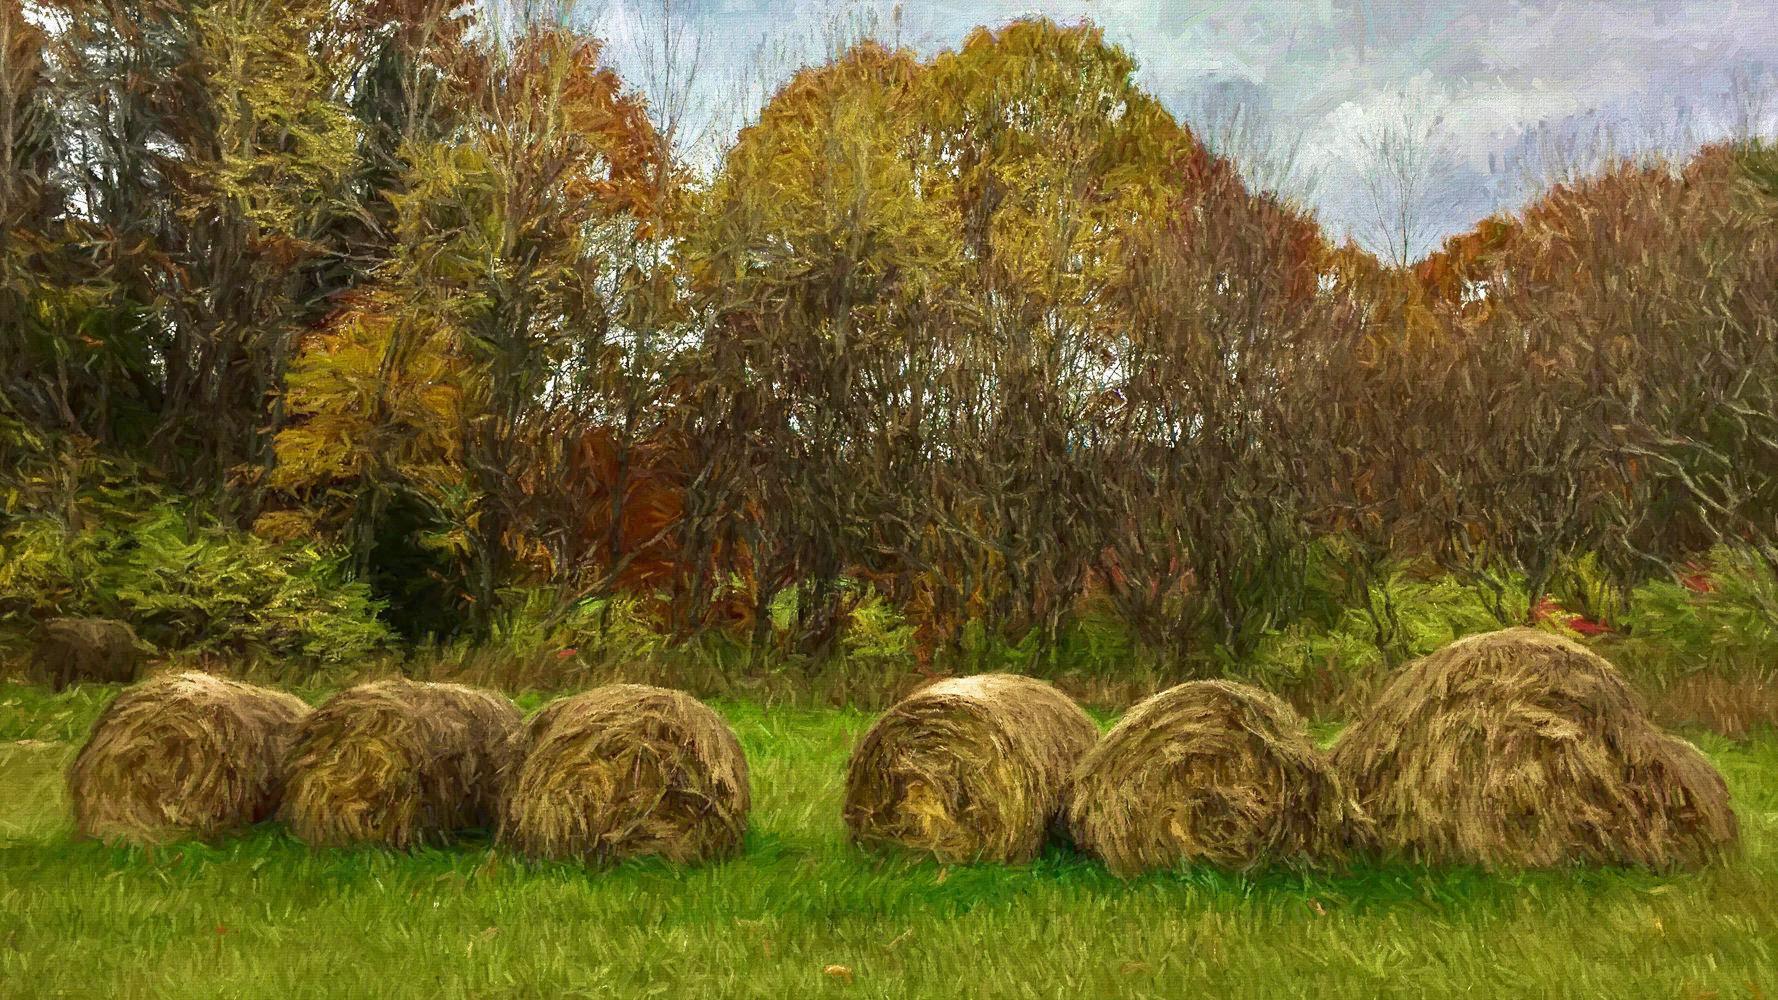 Hay bales, Quechee green belt field, Quechee, Vermont. Brush enhanced